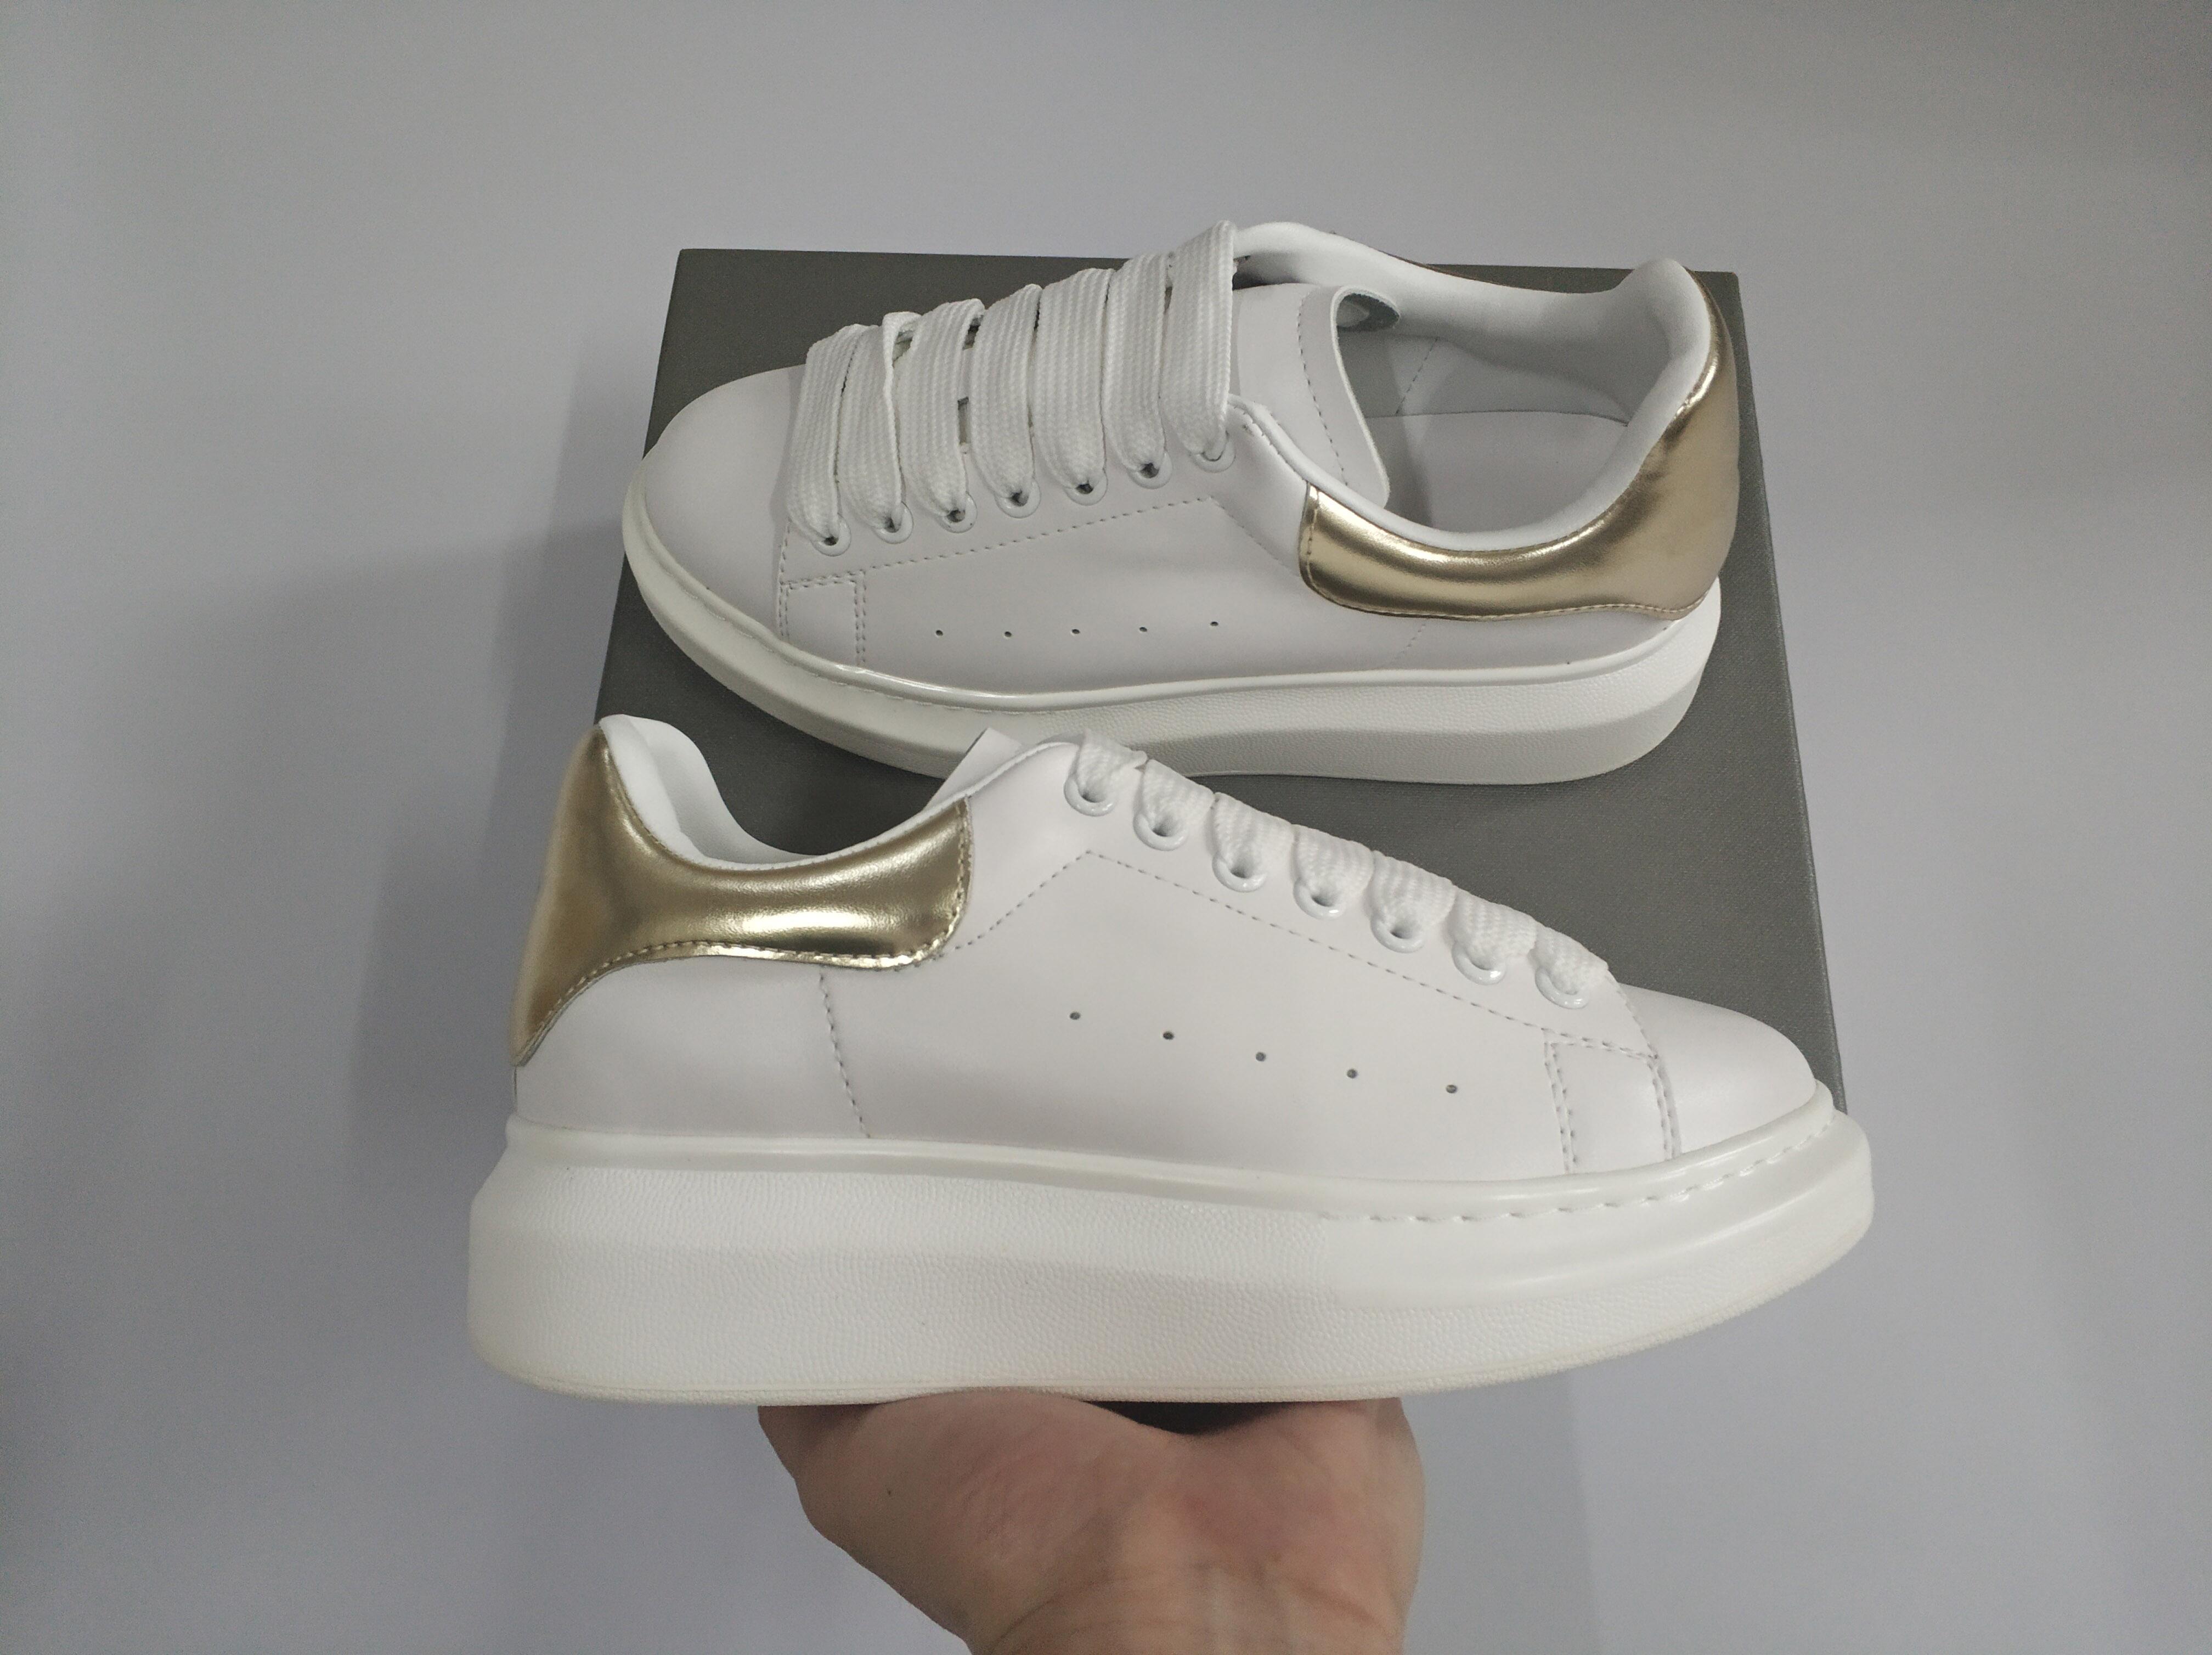 موضة جديدة عالية الجودة مصمم الاحذية منصة الرجال رخيصة الأزياء النسائية حزب حذاء رياضة حذاء حذاء رياضة